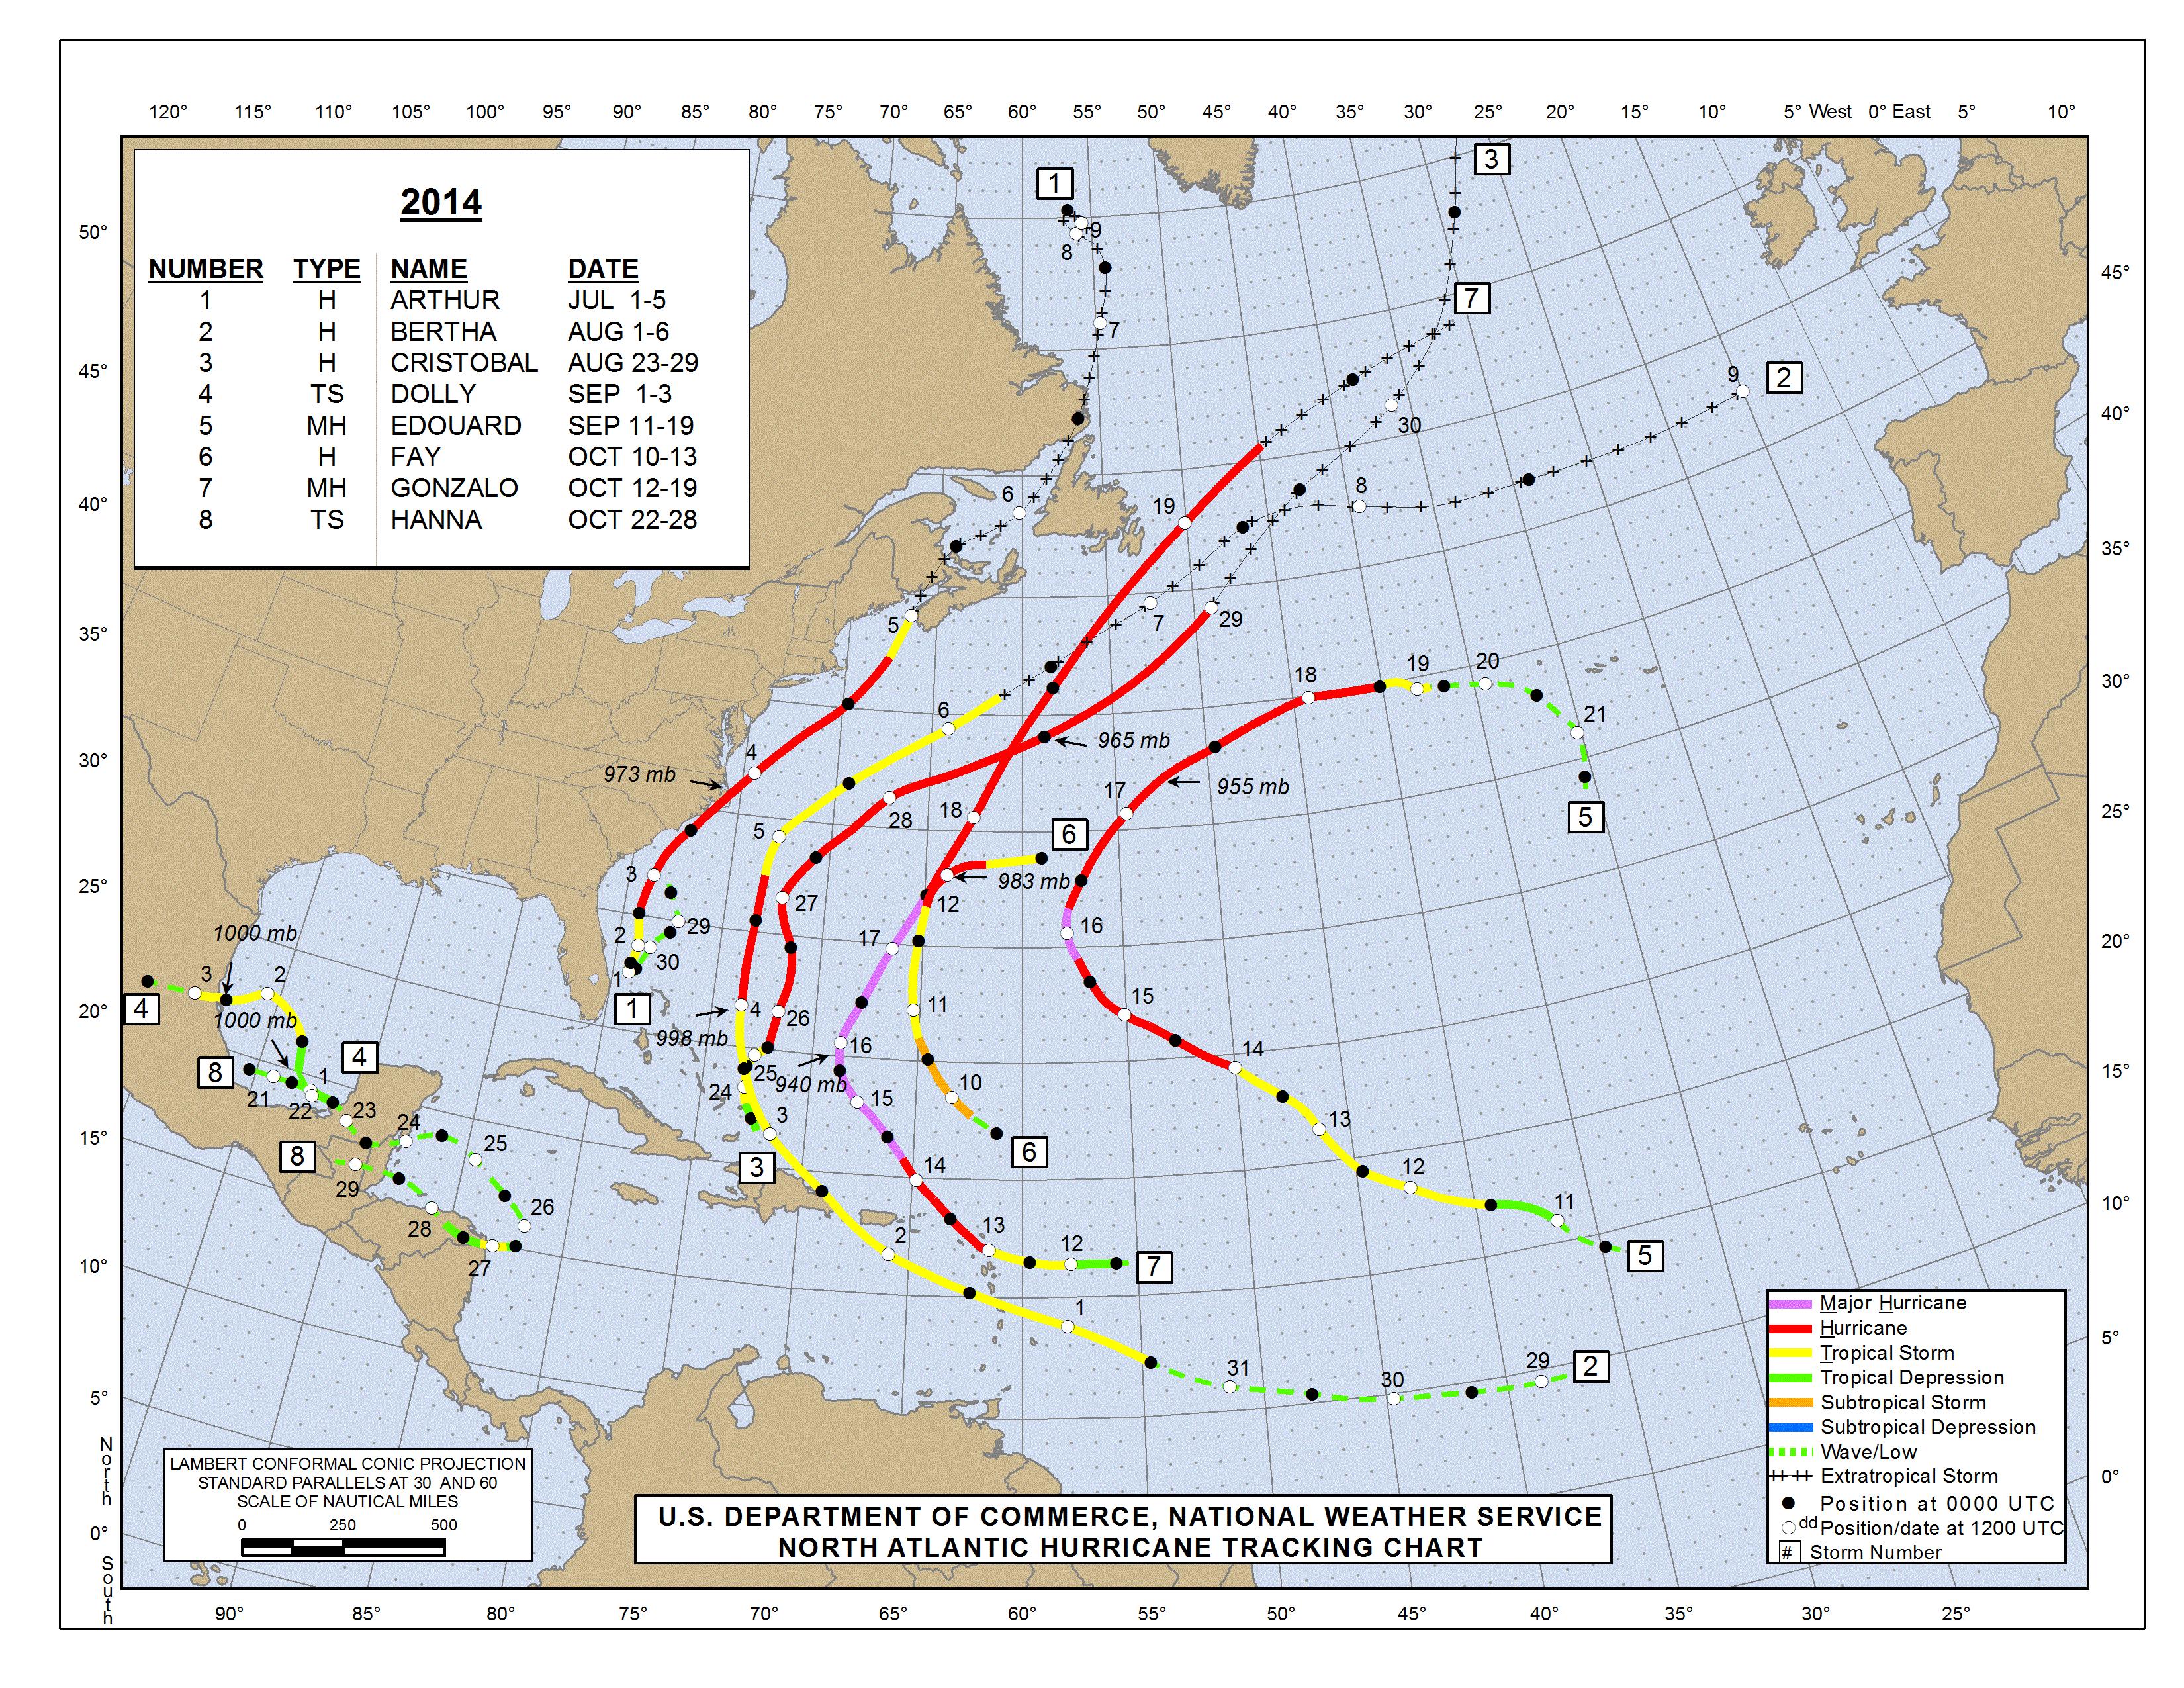 2014 Atlantic Hurricane Season on noaa storm surge sandy, noaa storm surge prediction, 2003 tropical storm tracking maps, noaa sea level rise maps,